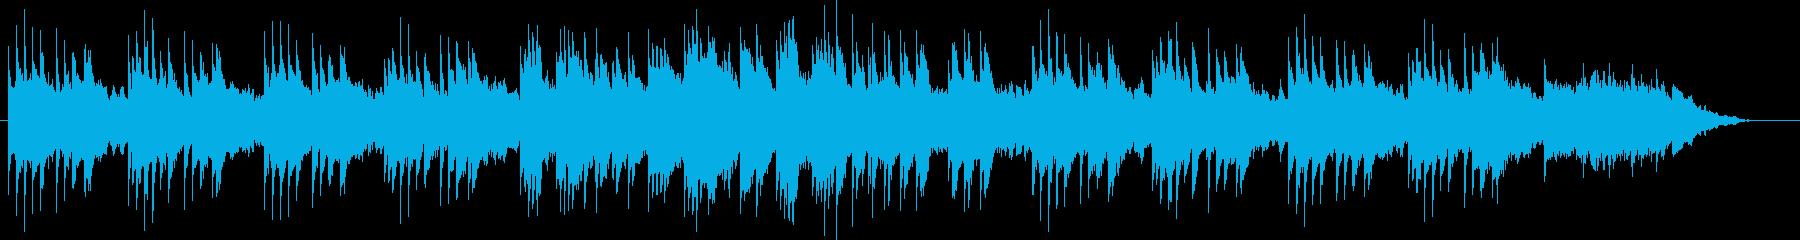 琴とピアノによる切なく幻想的なBGMの再生済みの波形